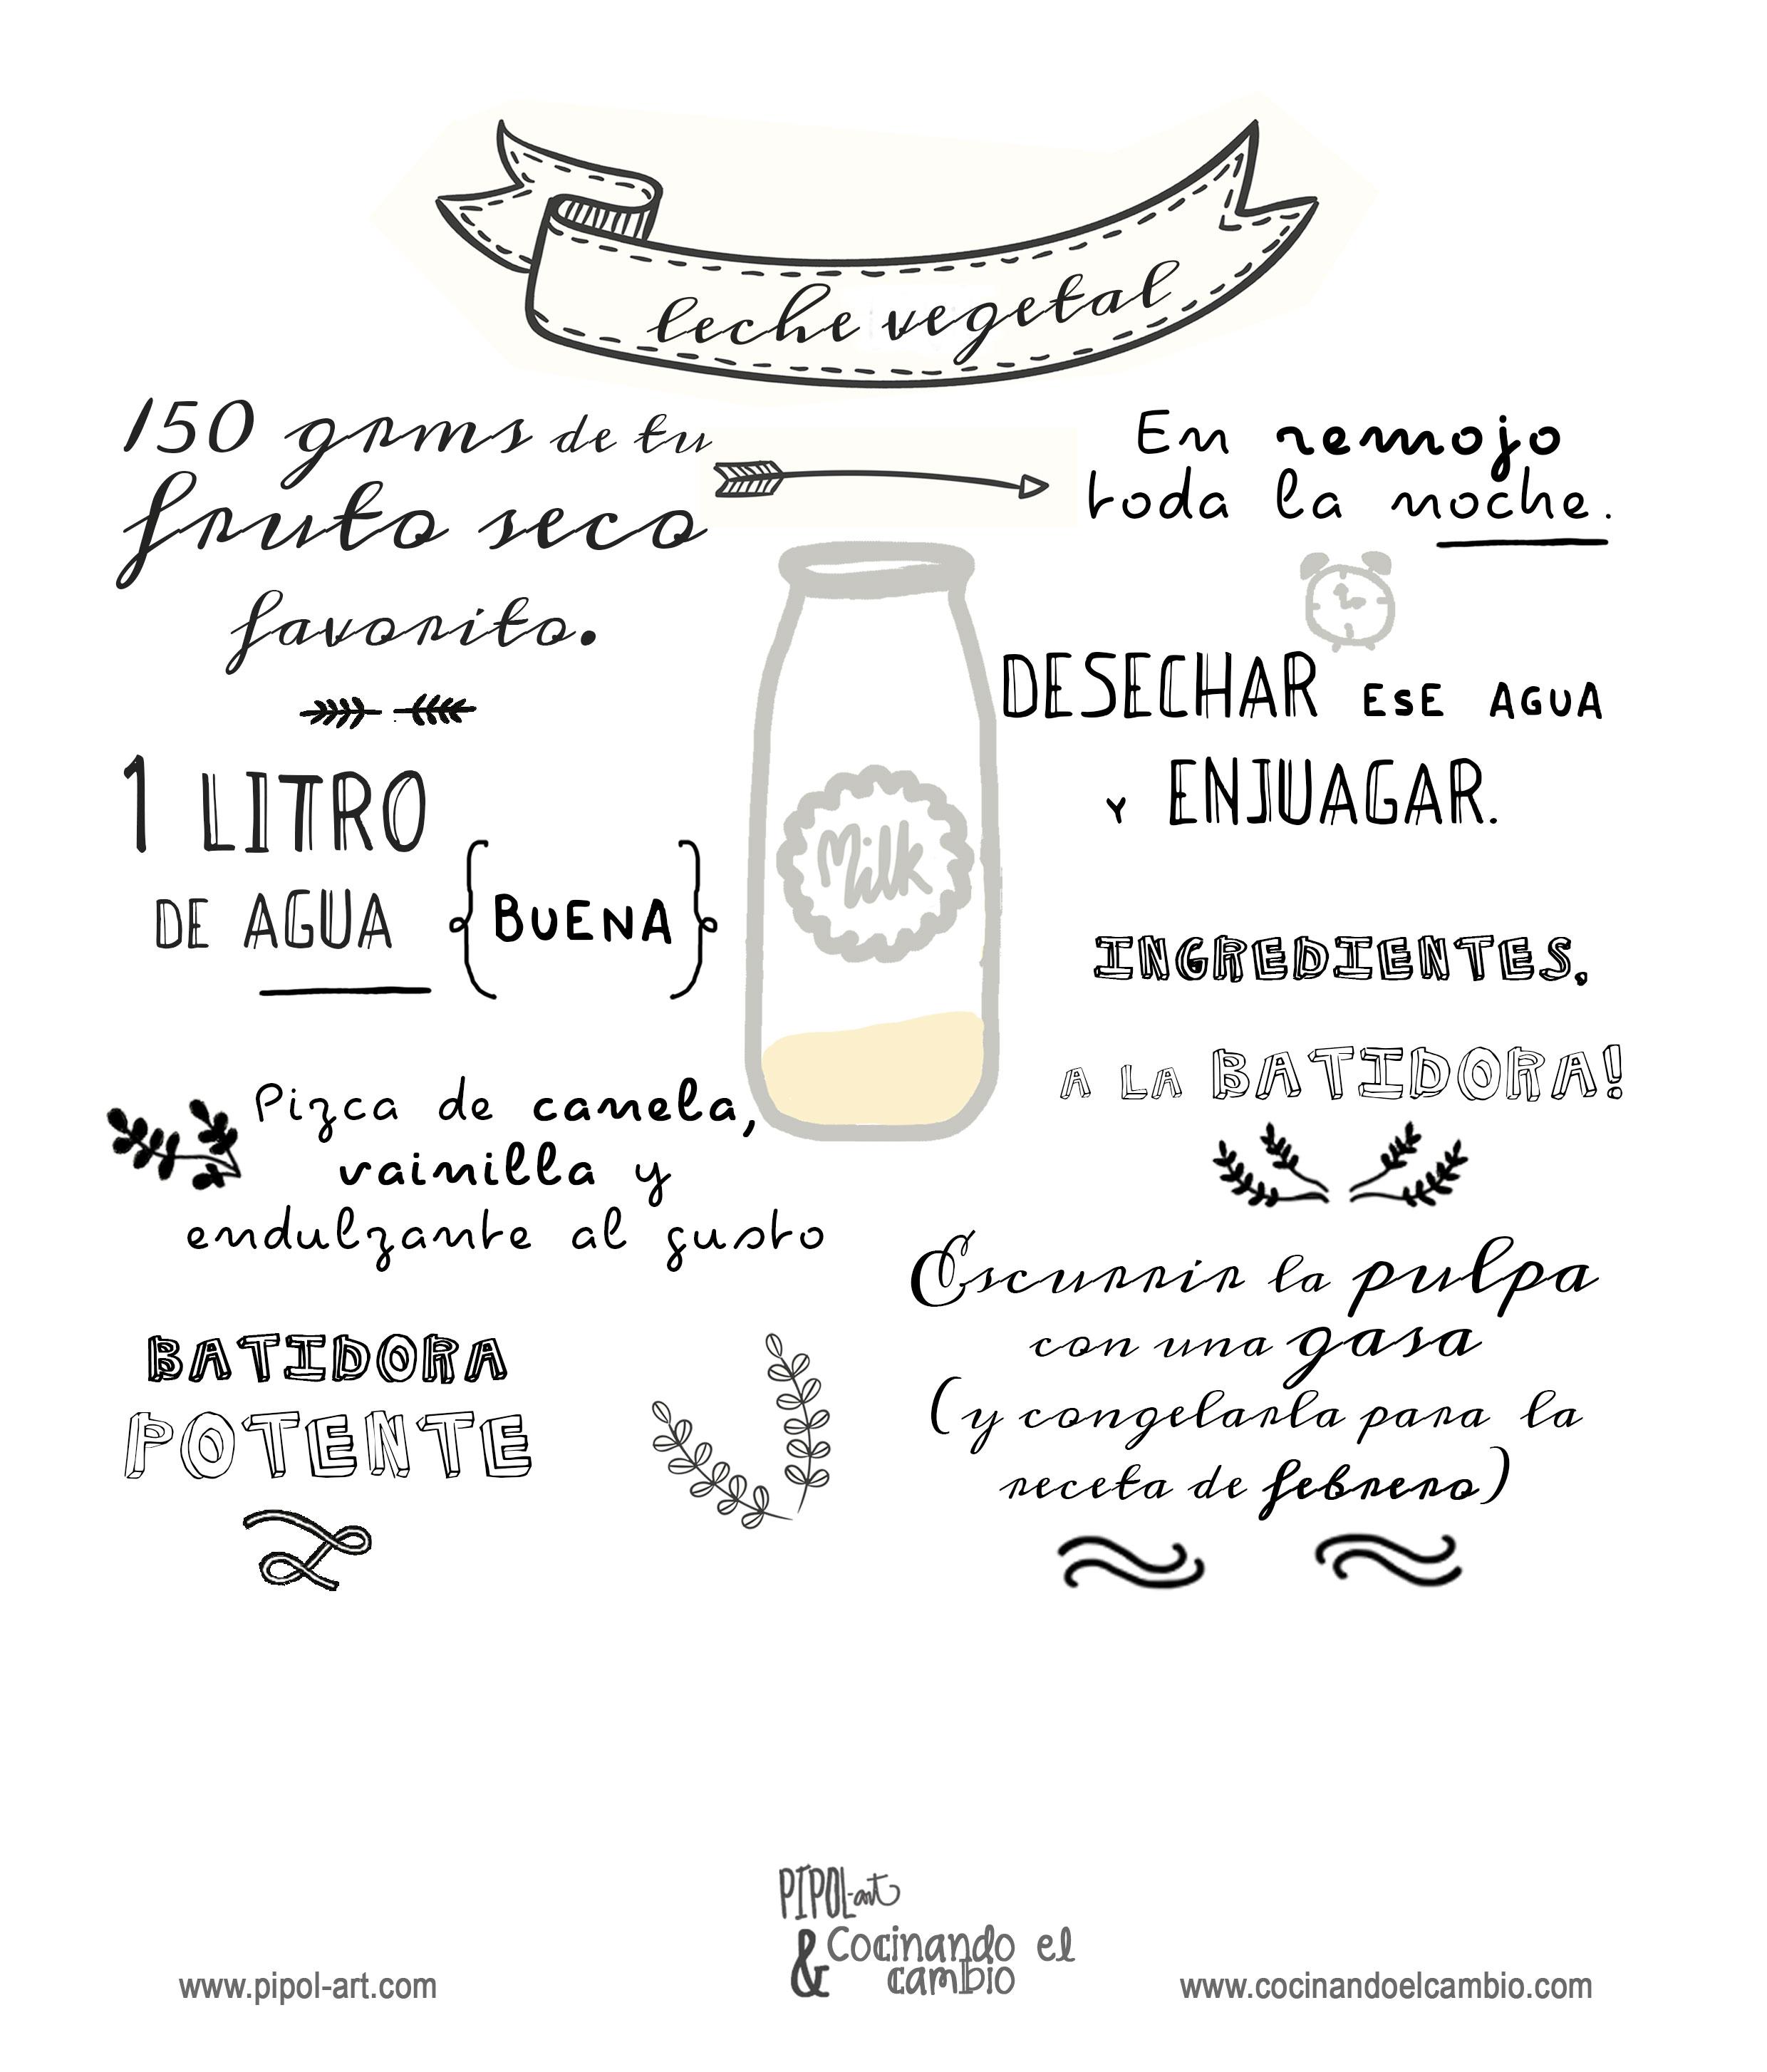 Leche Vegetal Receta Ilustrada Pipolart Cocinando El Cambio